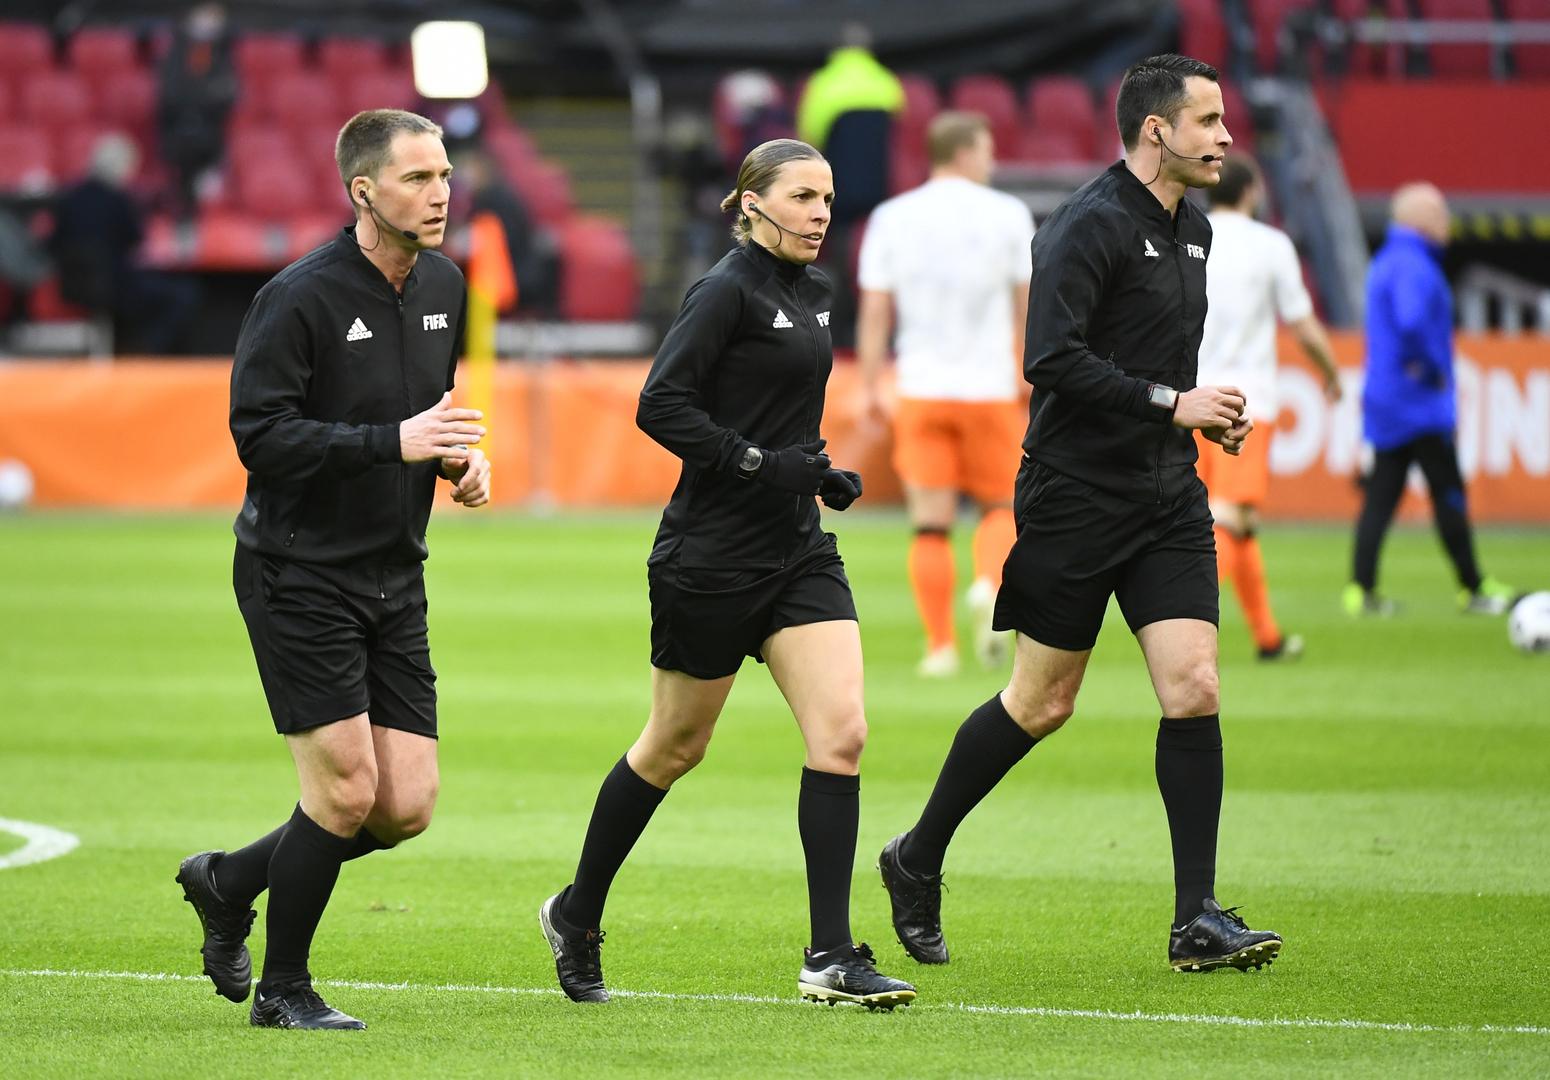 التاريخ يكتب في مباراة هولندا ولاتفيا.. أول امرأة تدير مباراة بتصفيات كأس العالم